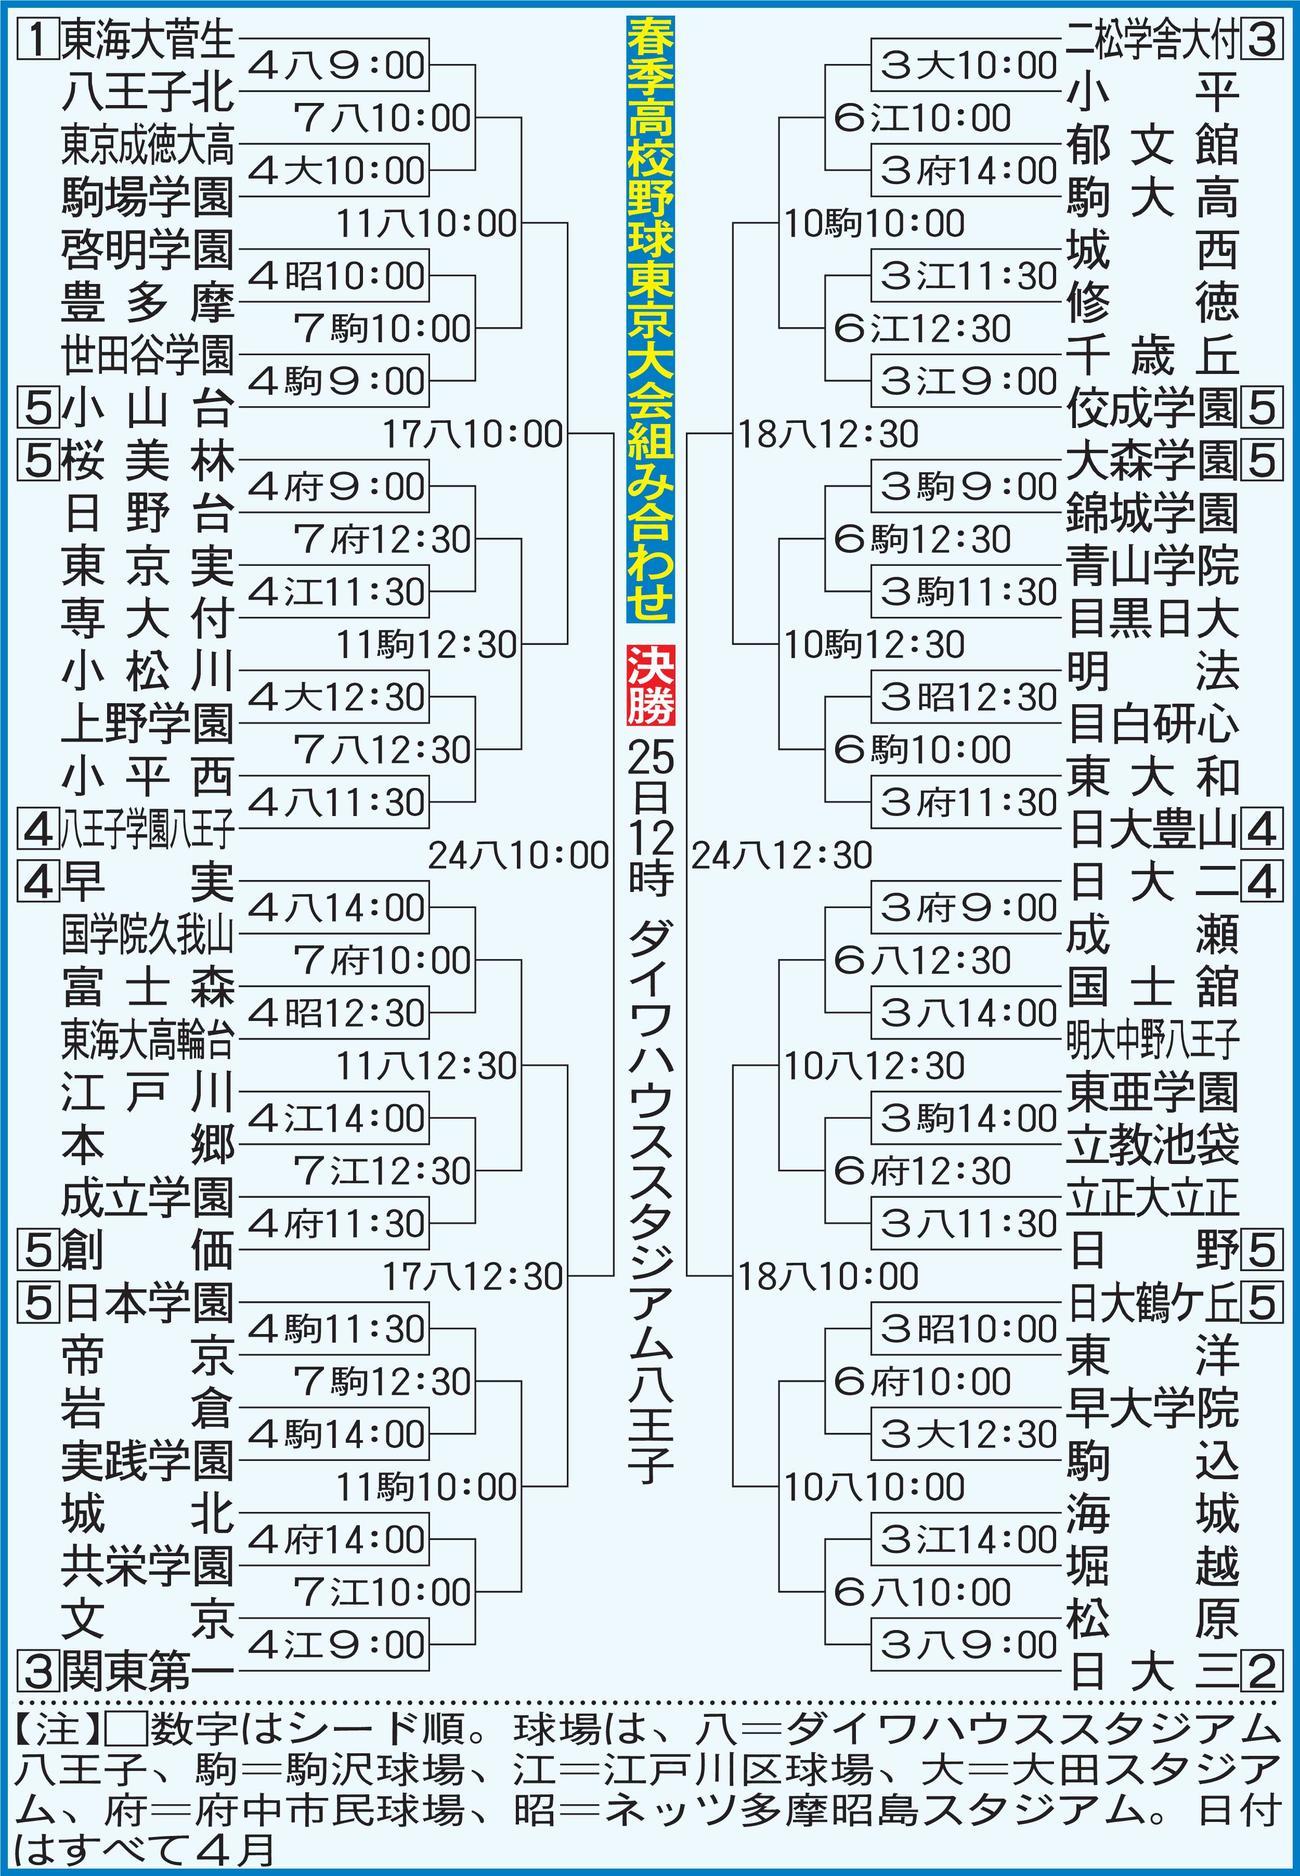 春季高校野球東京大会組み合わせ